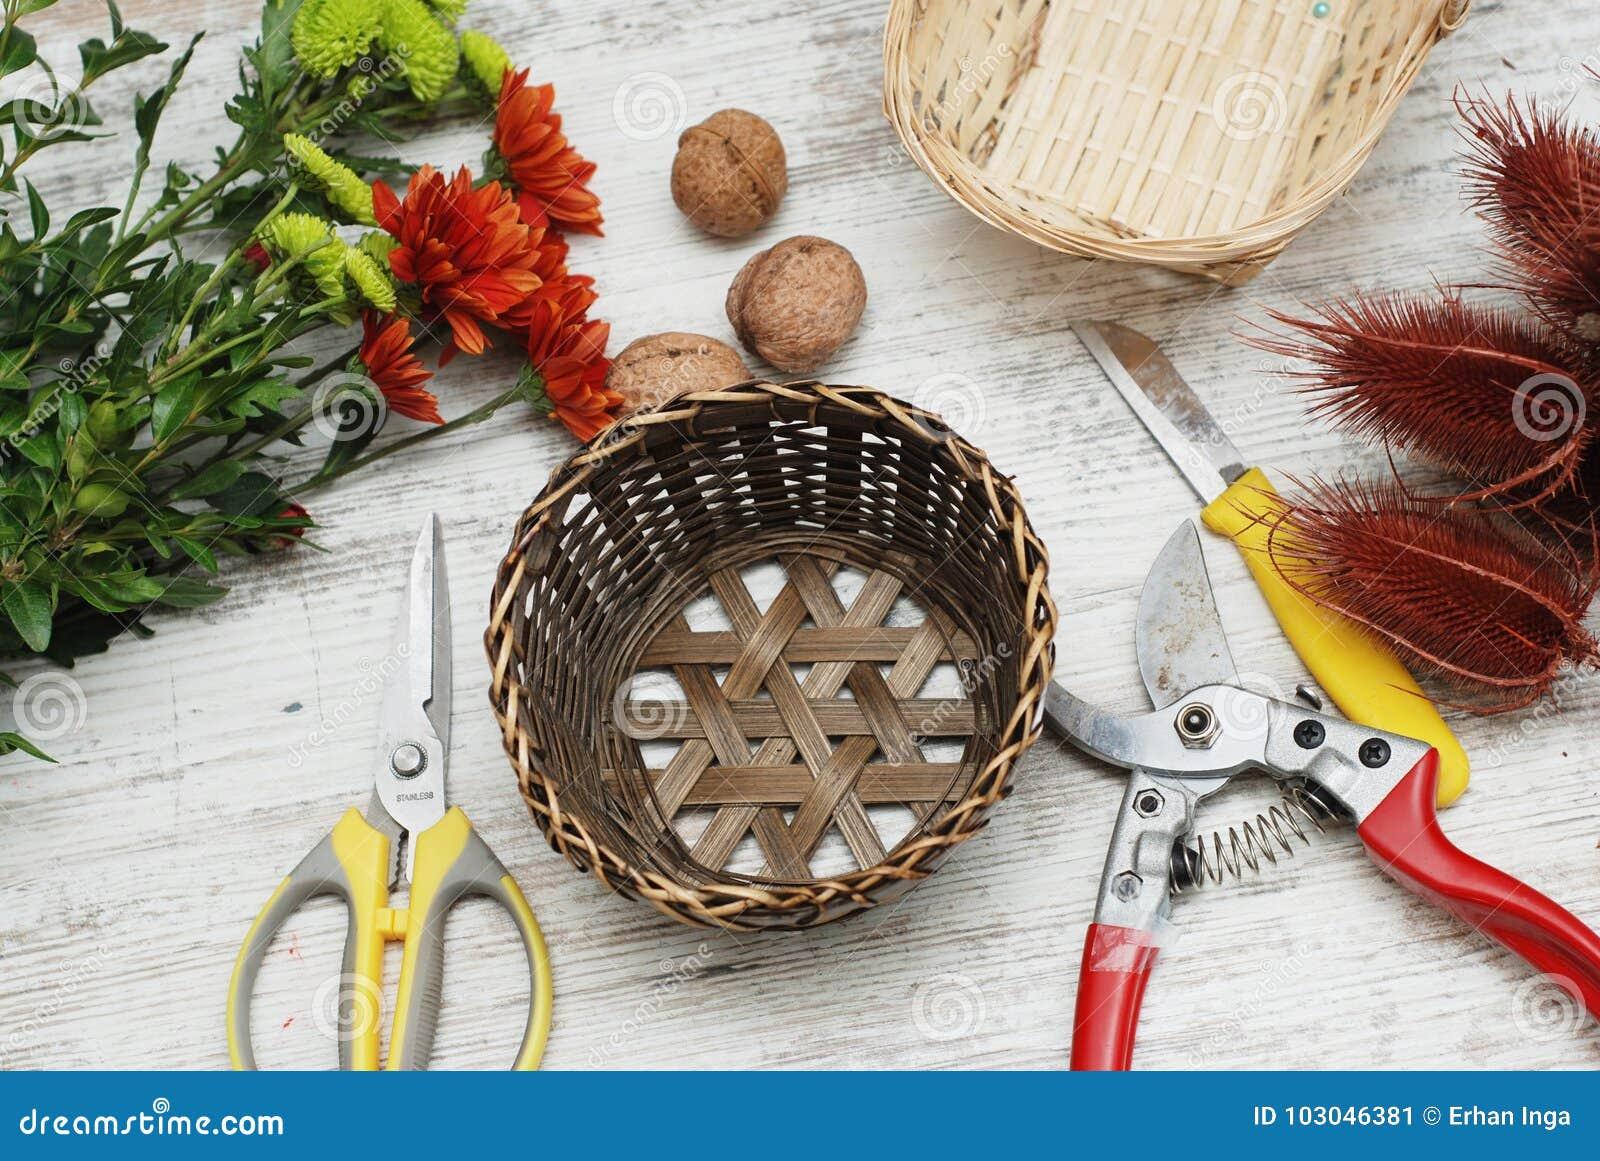 Bascket et outils décoratifs pour créer le bouquet et la carte de voeux sur le bureau Espace de travail ou table de fleuriste